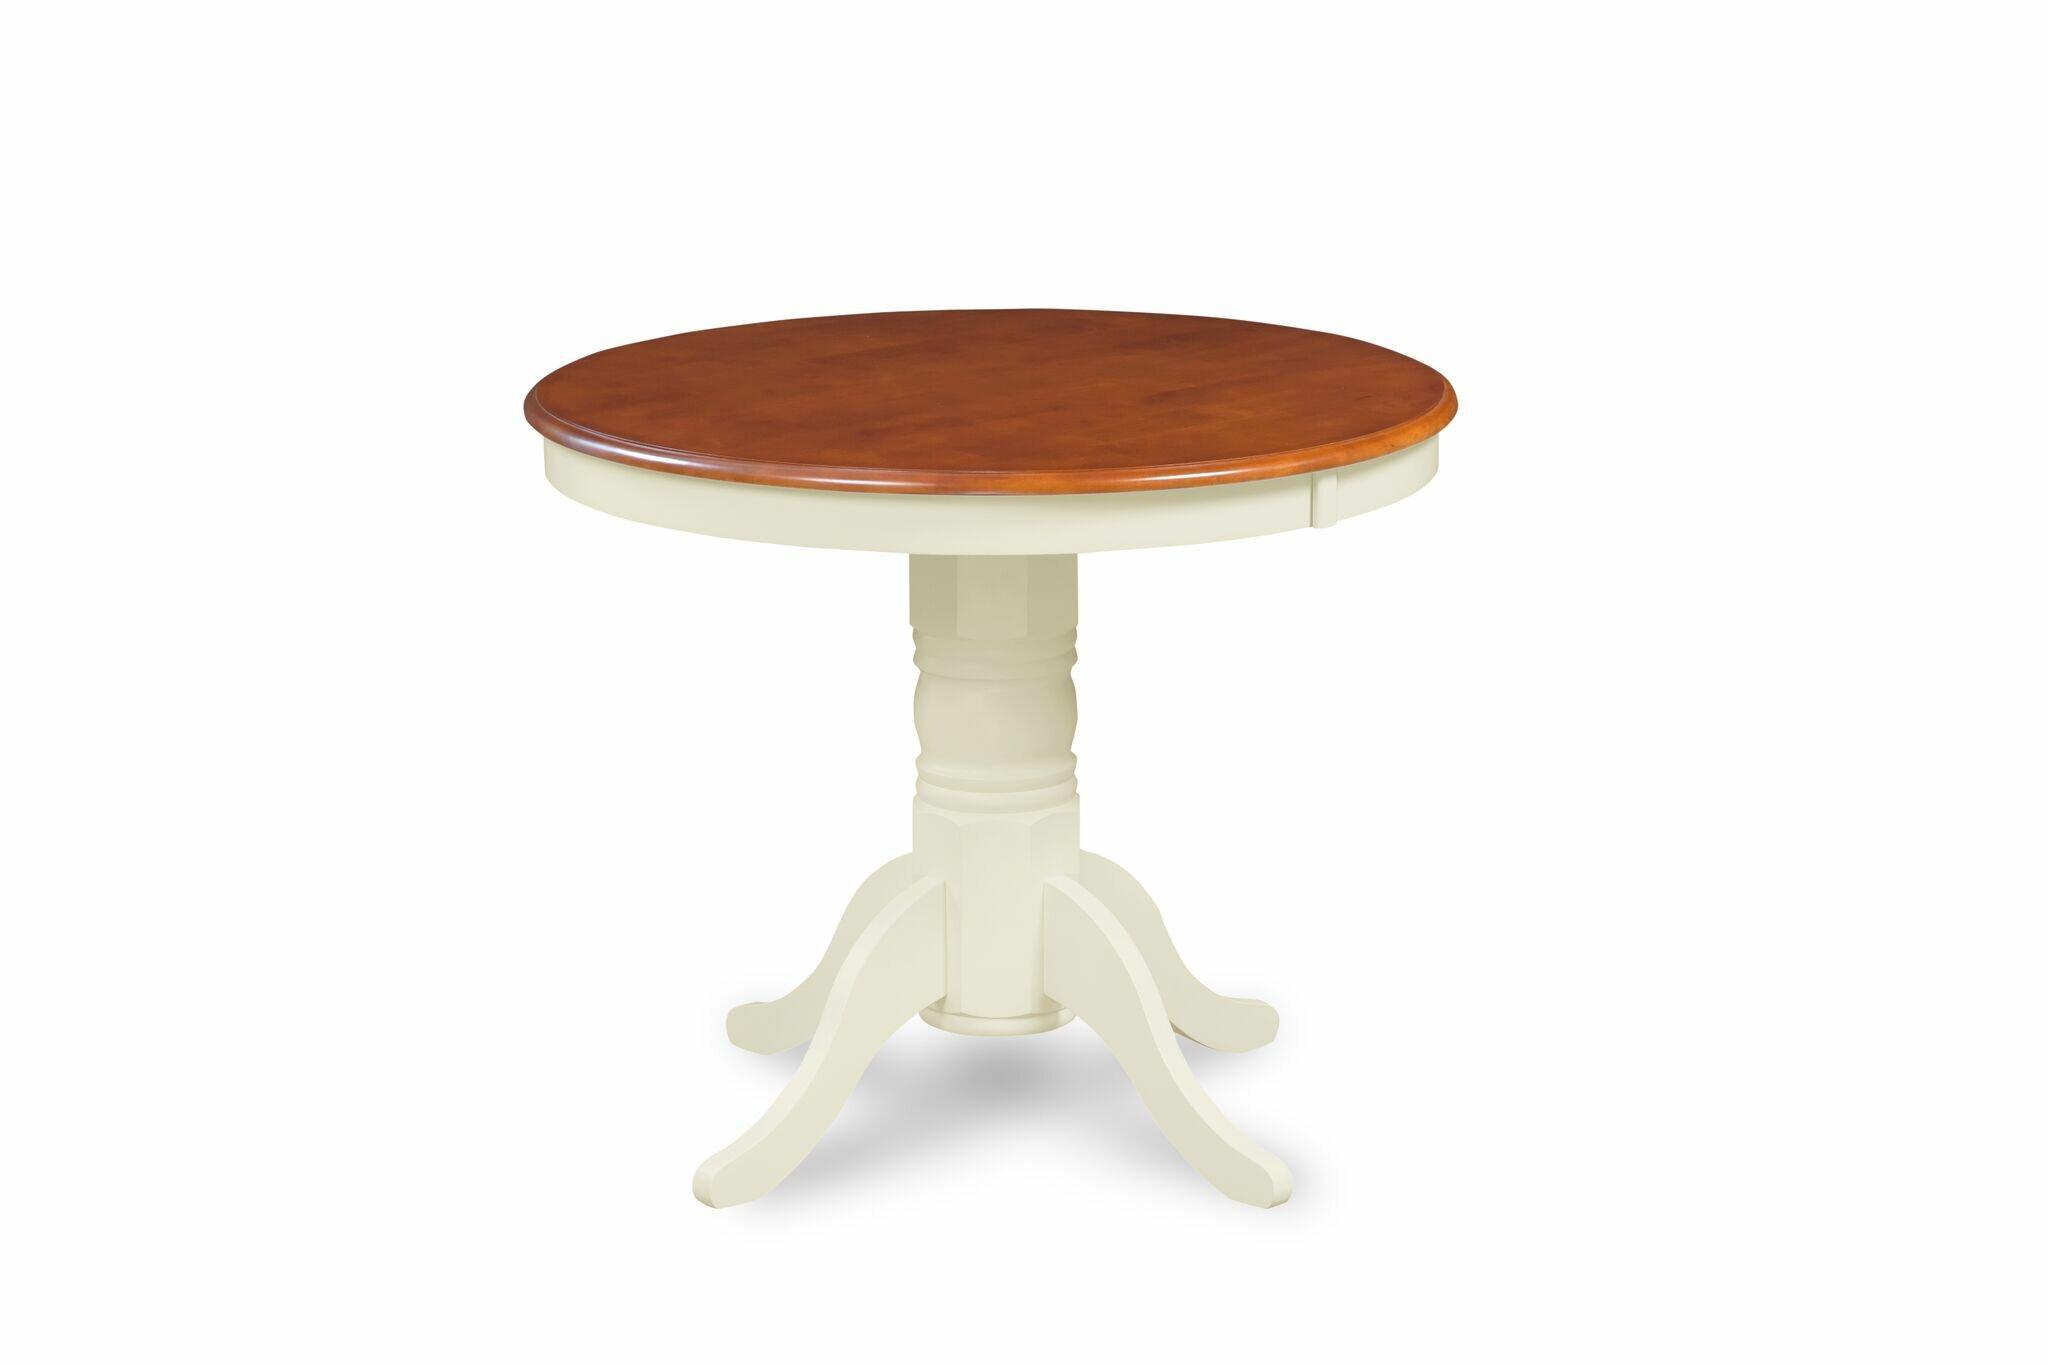 Breakwater Bay Rhames Cherry Top Solid Wood Dining Table Wayfair